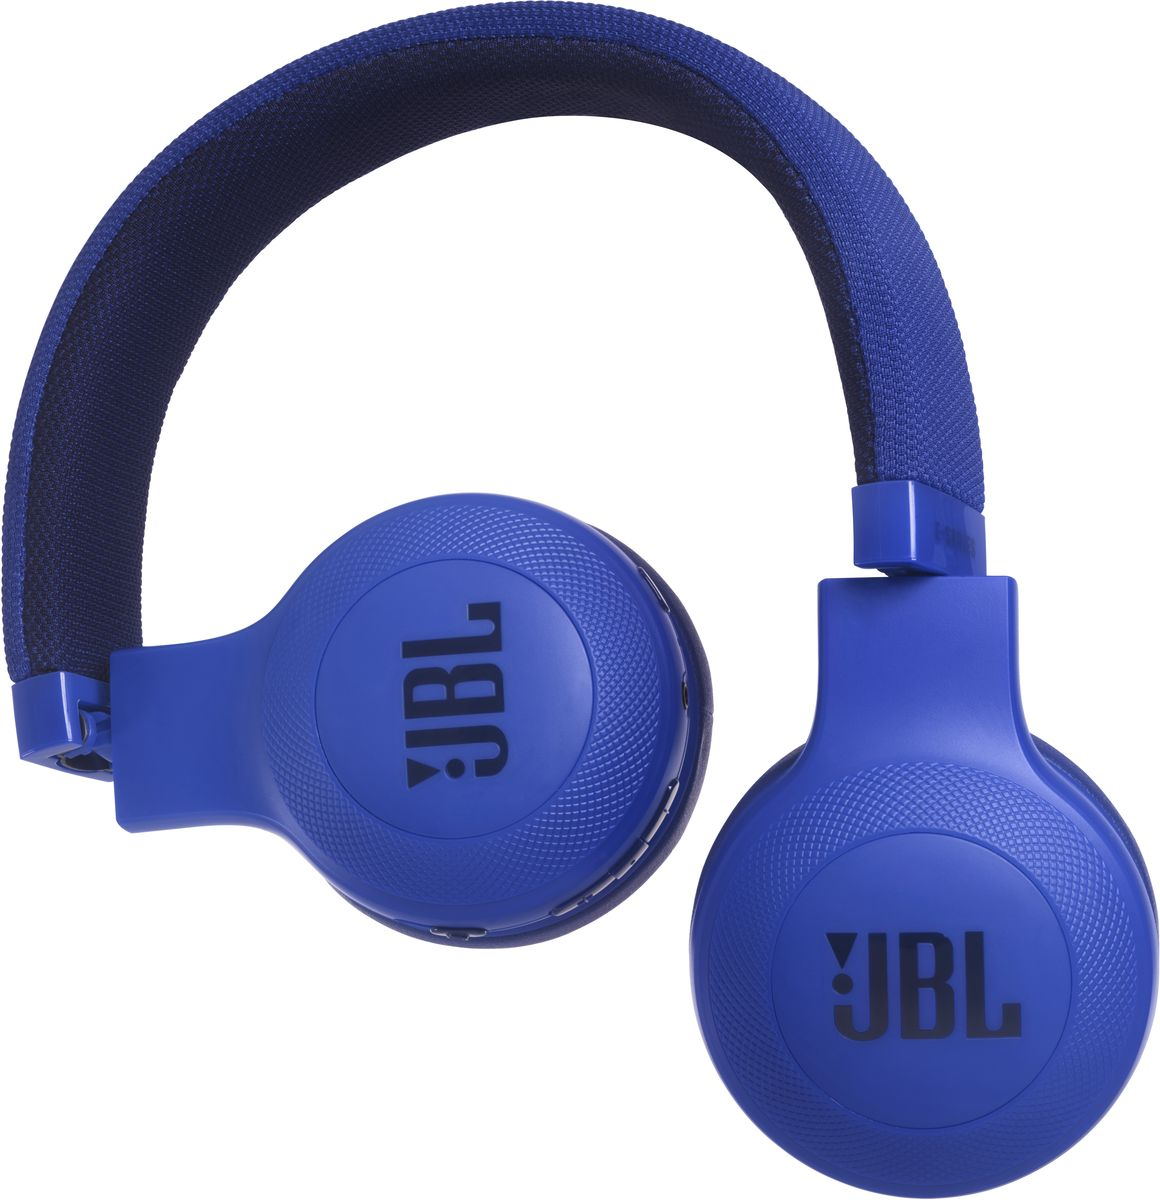 JBL E45BT, Blue беспроводные наушникиJBLE45BTBLUБеспроводные накладные наушники JBL E45BT доставят легендарный звук JBL прямо вам в уши. E45BT - одна из наиболее универсальных моделей, отличающаяся длительной работой от аккумулятора (до 16 часов), инновационным, стильным оголовьем с тканевой отделкой и эргономичным накладным дизайном. Это значит, что вы можете не расставаться с любимой музыкой и получать дополнительное удовольствие, где бы вы ни были - на работе, в транспорте или просто в городе. Вы можете с легкостью переключаться с прослушивания музыки на своем портативном устройстве на прием телефонного вызова, чтобы никогда не пропускать звонки. Благодаря элегантному внешнему виду, различным цветам и дополнительному удобству съемного кабеля с пультом управления и микрофоном вам никогда не захочется расставаться с наушниками E45BT. Они привнесут в вашу жизнь яркость и удовольствие.